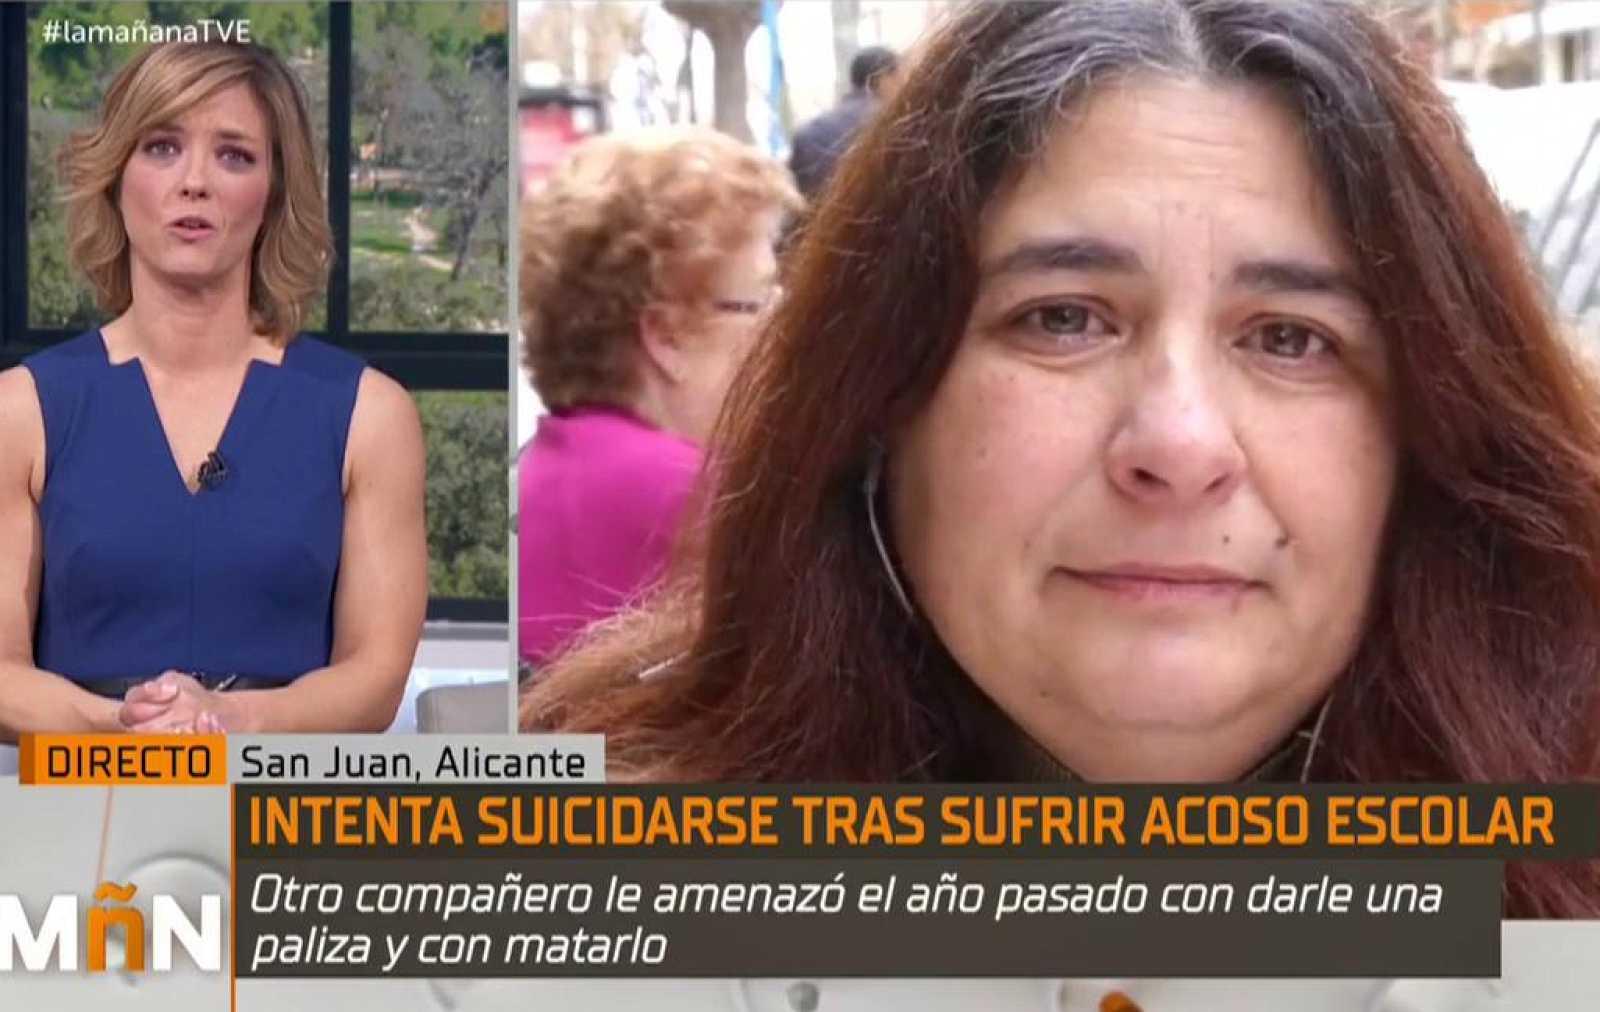 La Mañana - El menor que intentó suicidarse por acoso, había sido amenazado ese mismo día